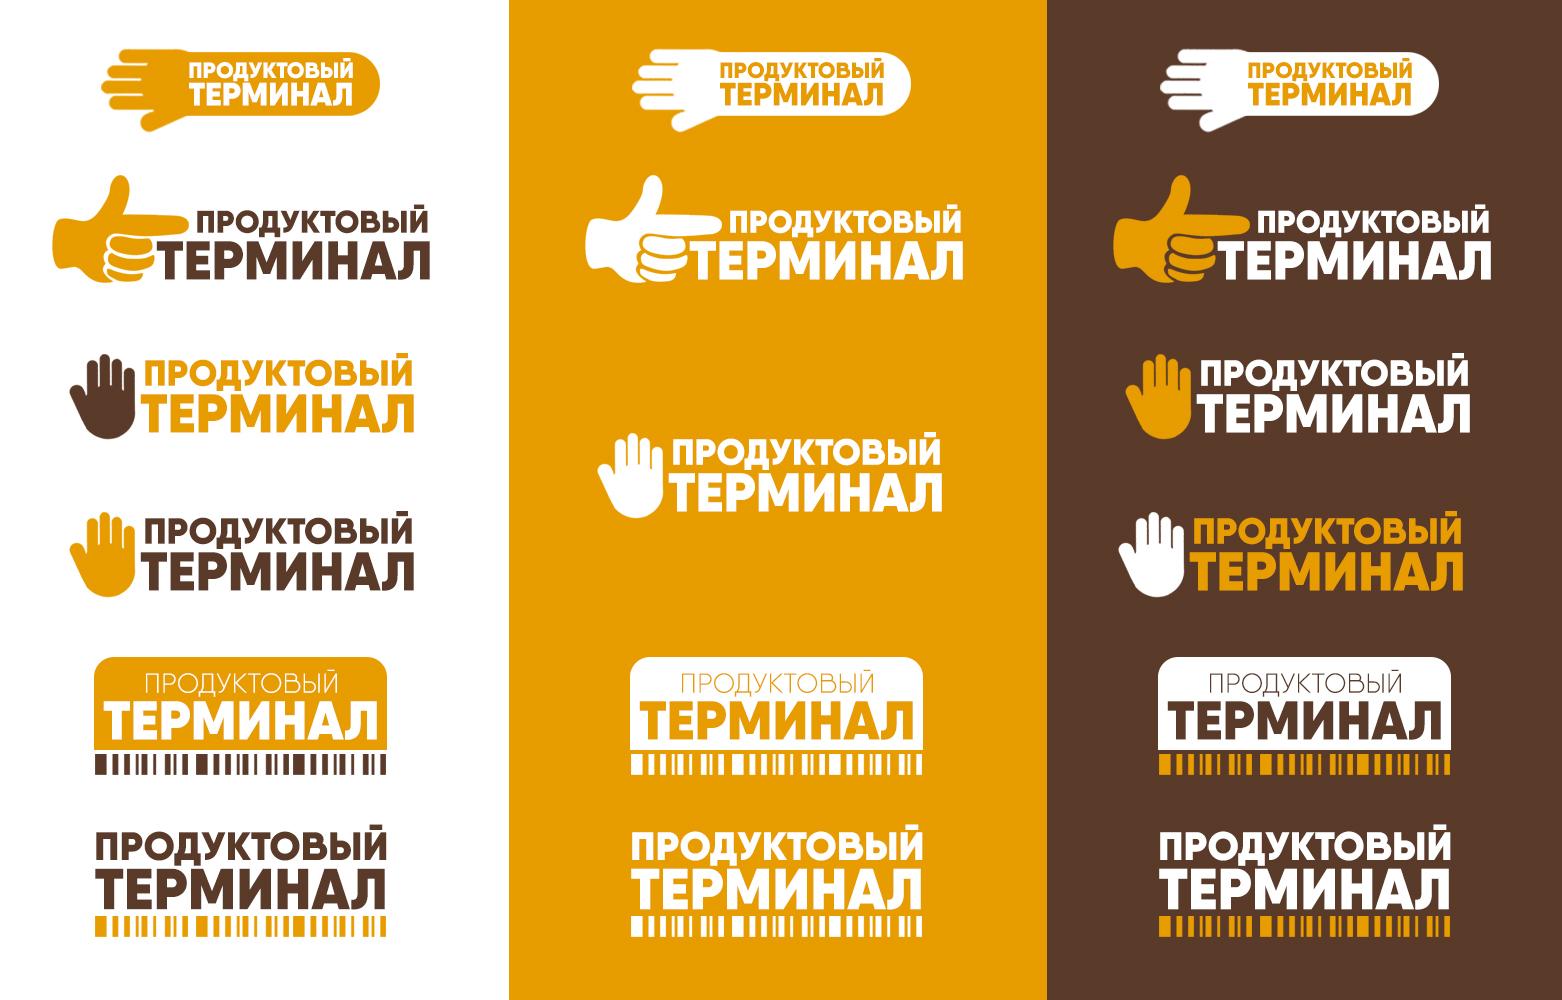 Логотип для сети продуктовых магазинов фото f_25256f9c122b9398.jpg